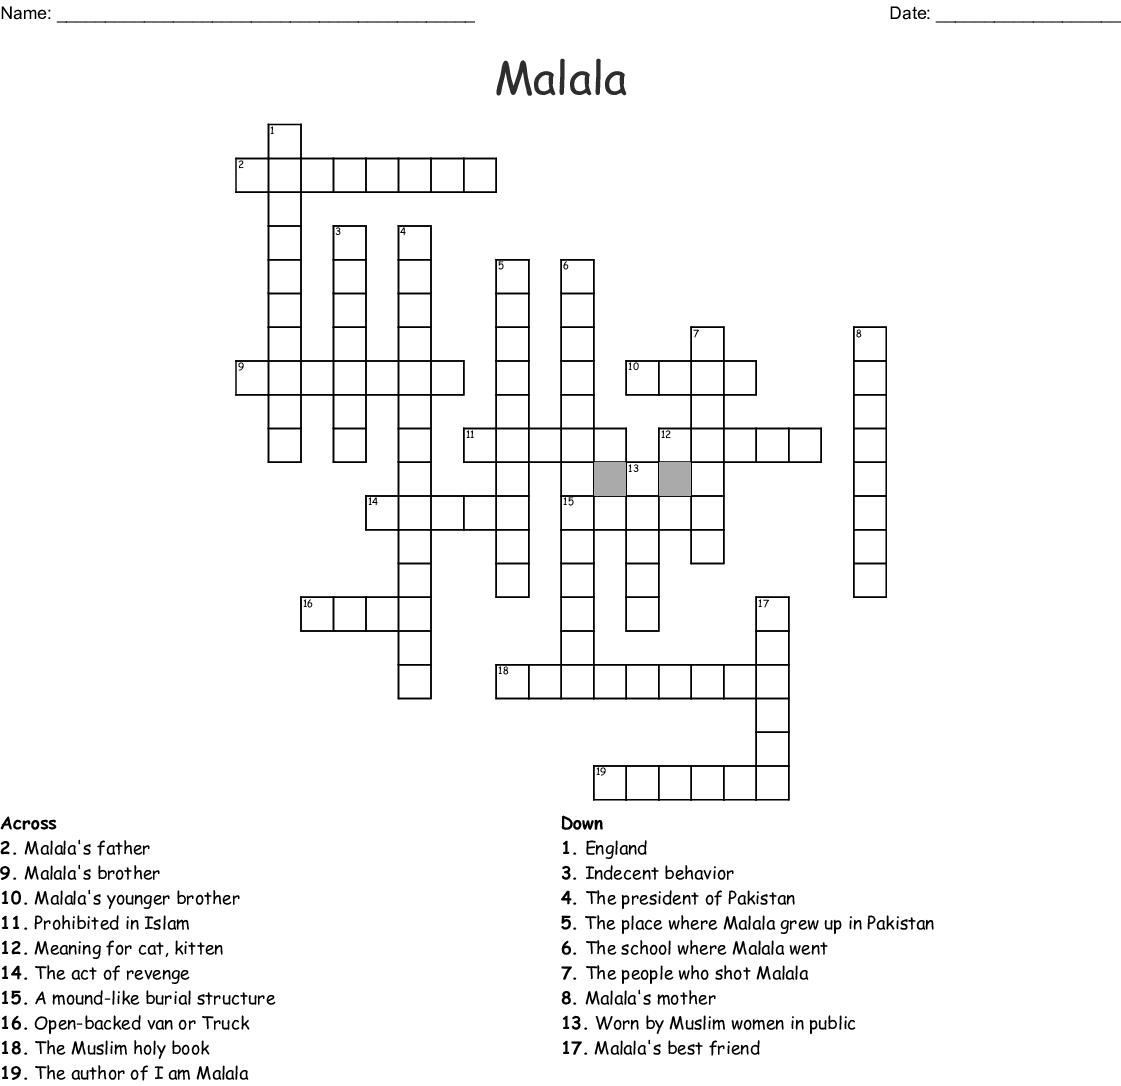 I Am Malala Crossword - WordMint